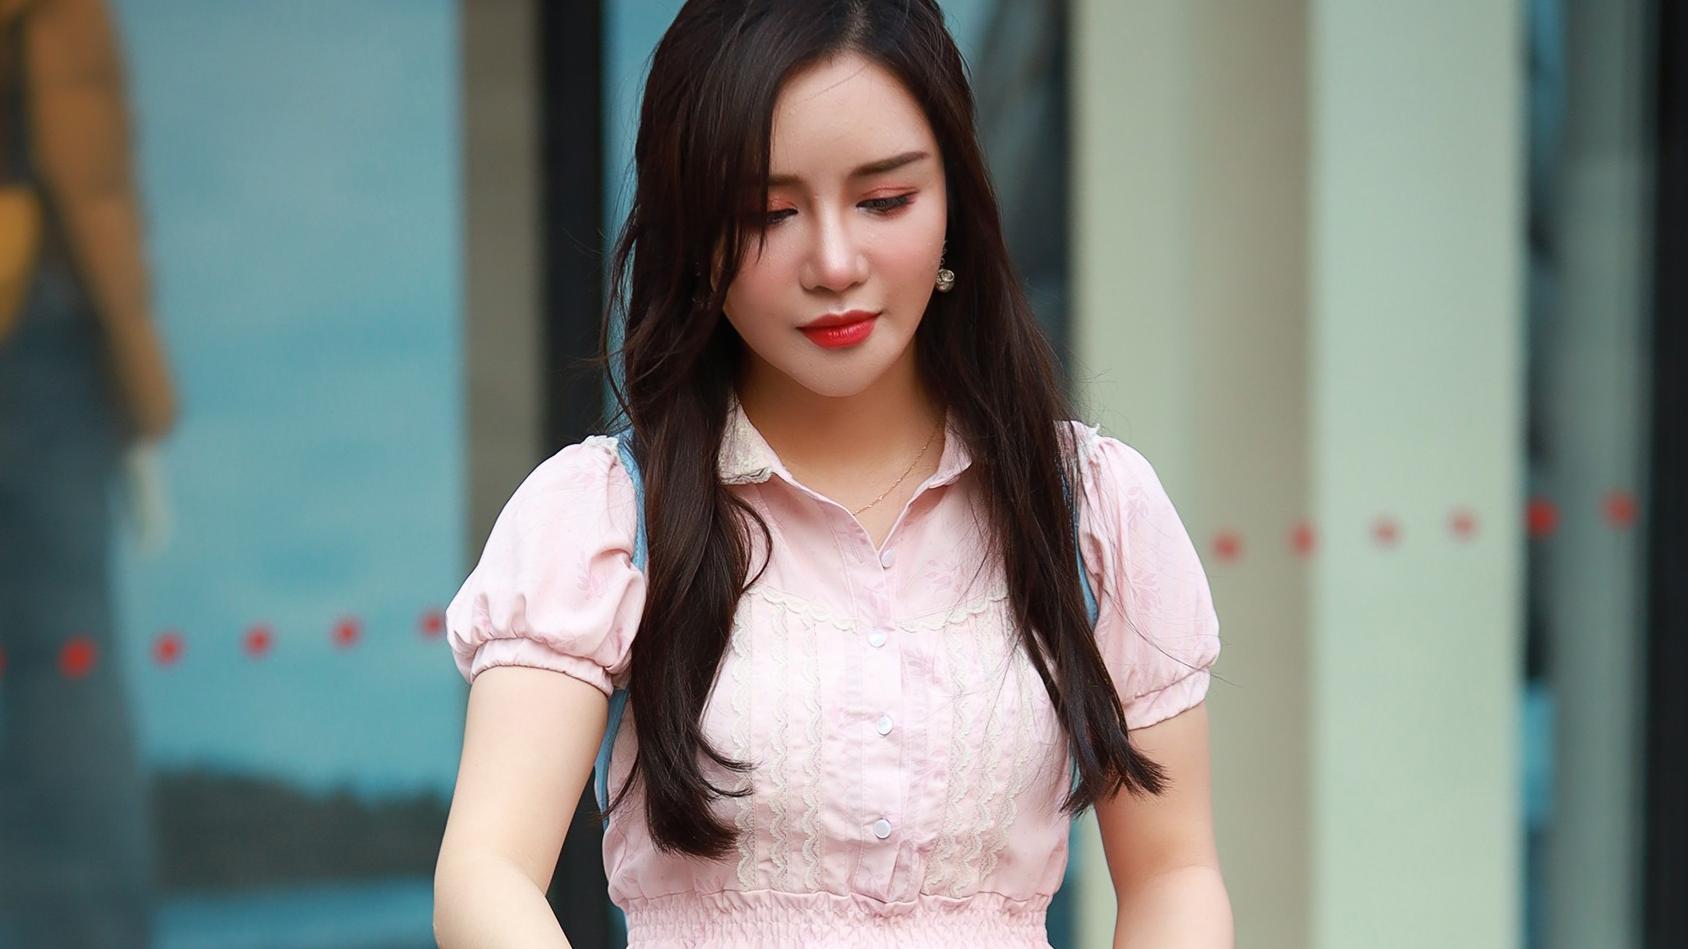 粉色连衣裙减龄效果好,搭配白色长筒袜,清爽干净还凸显青春气息